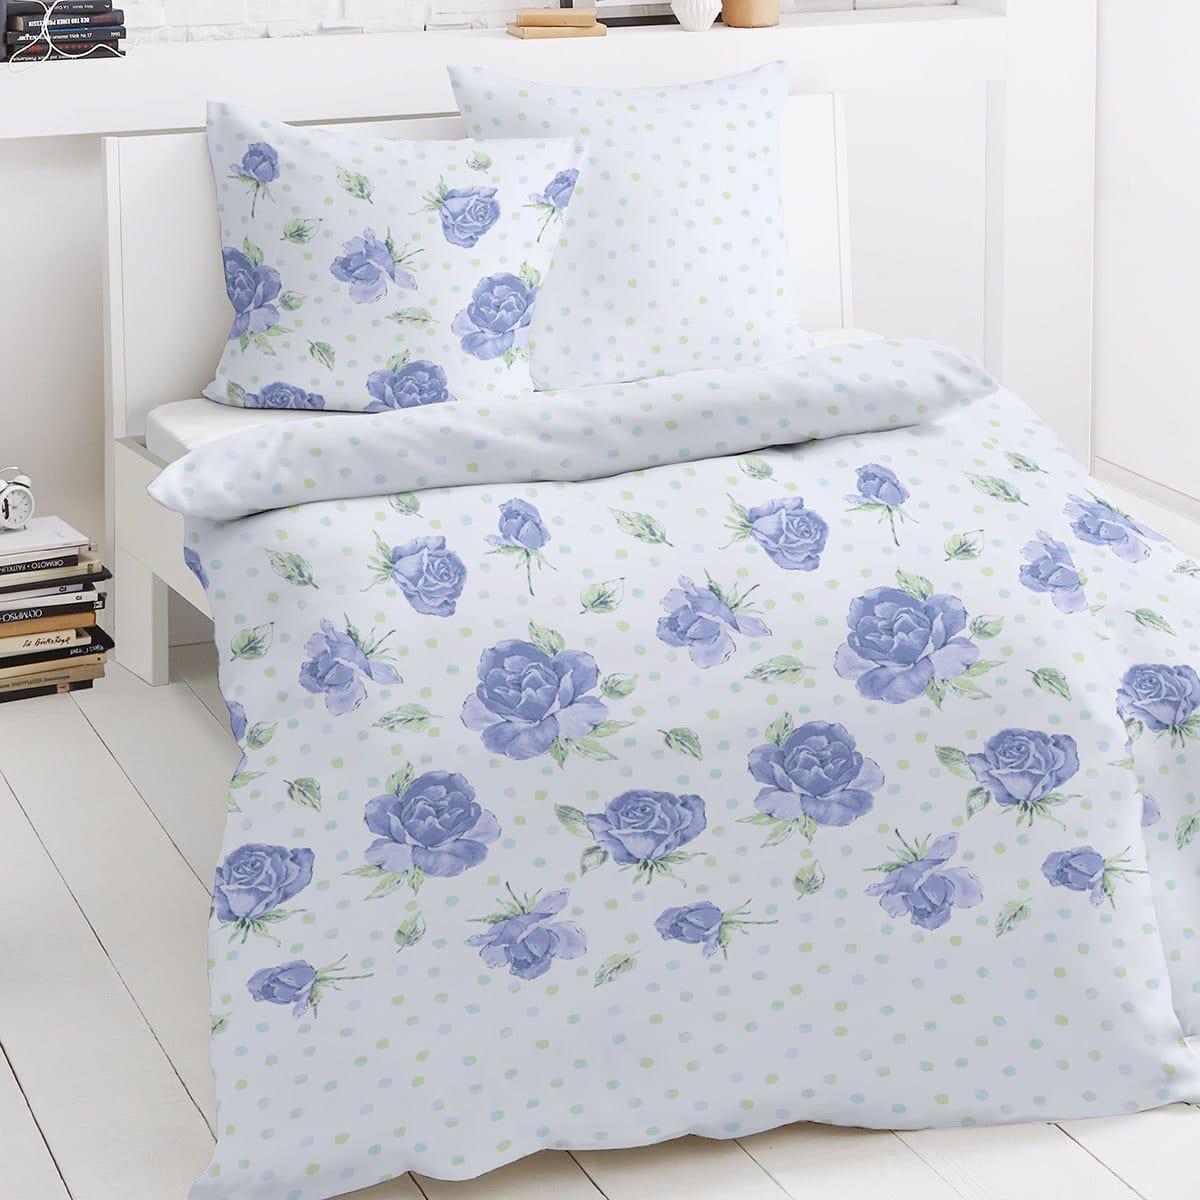 traumschlaf feinbiber bettw sche punkte blau g nstig online kaufen bei bettwaren shop. Black Bedroom Furniture Sets. Home Design Ideas